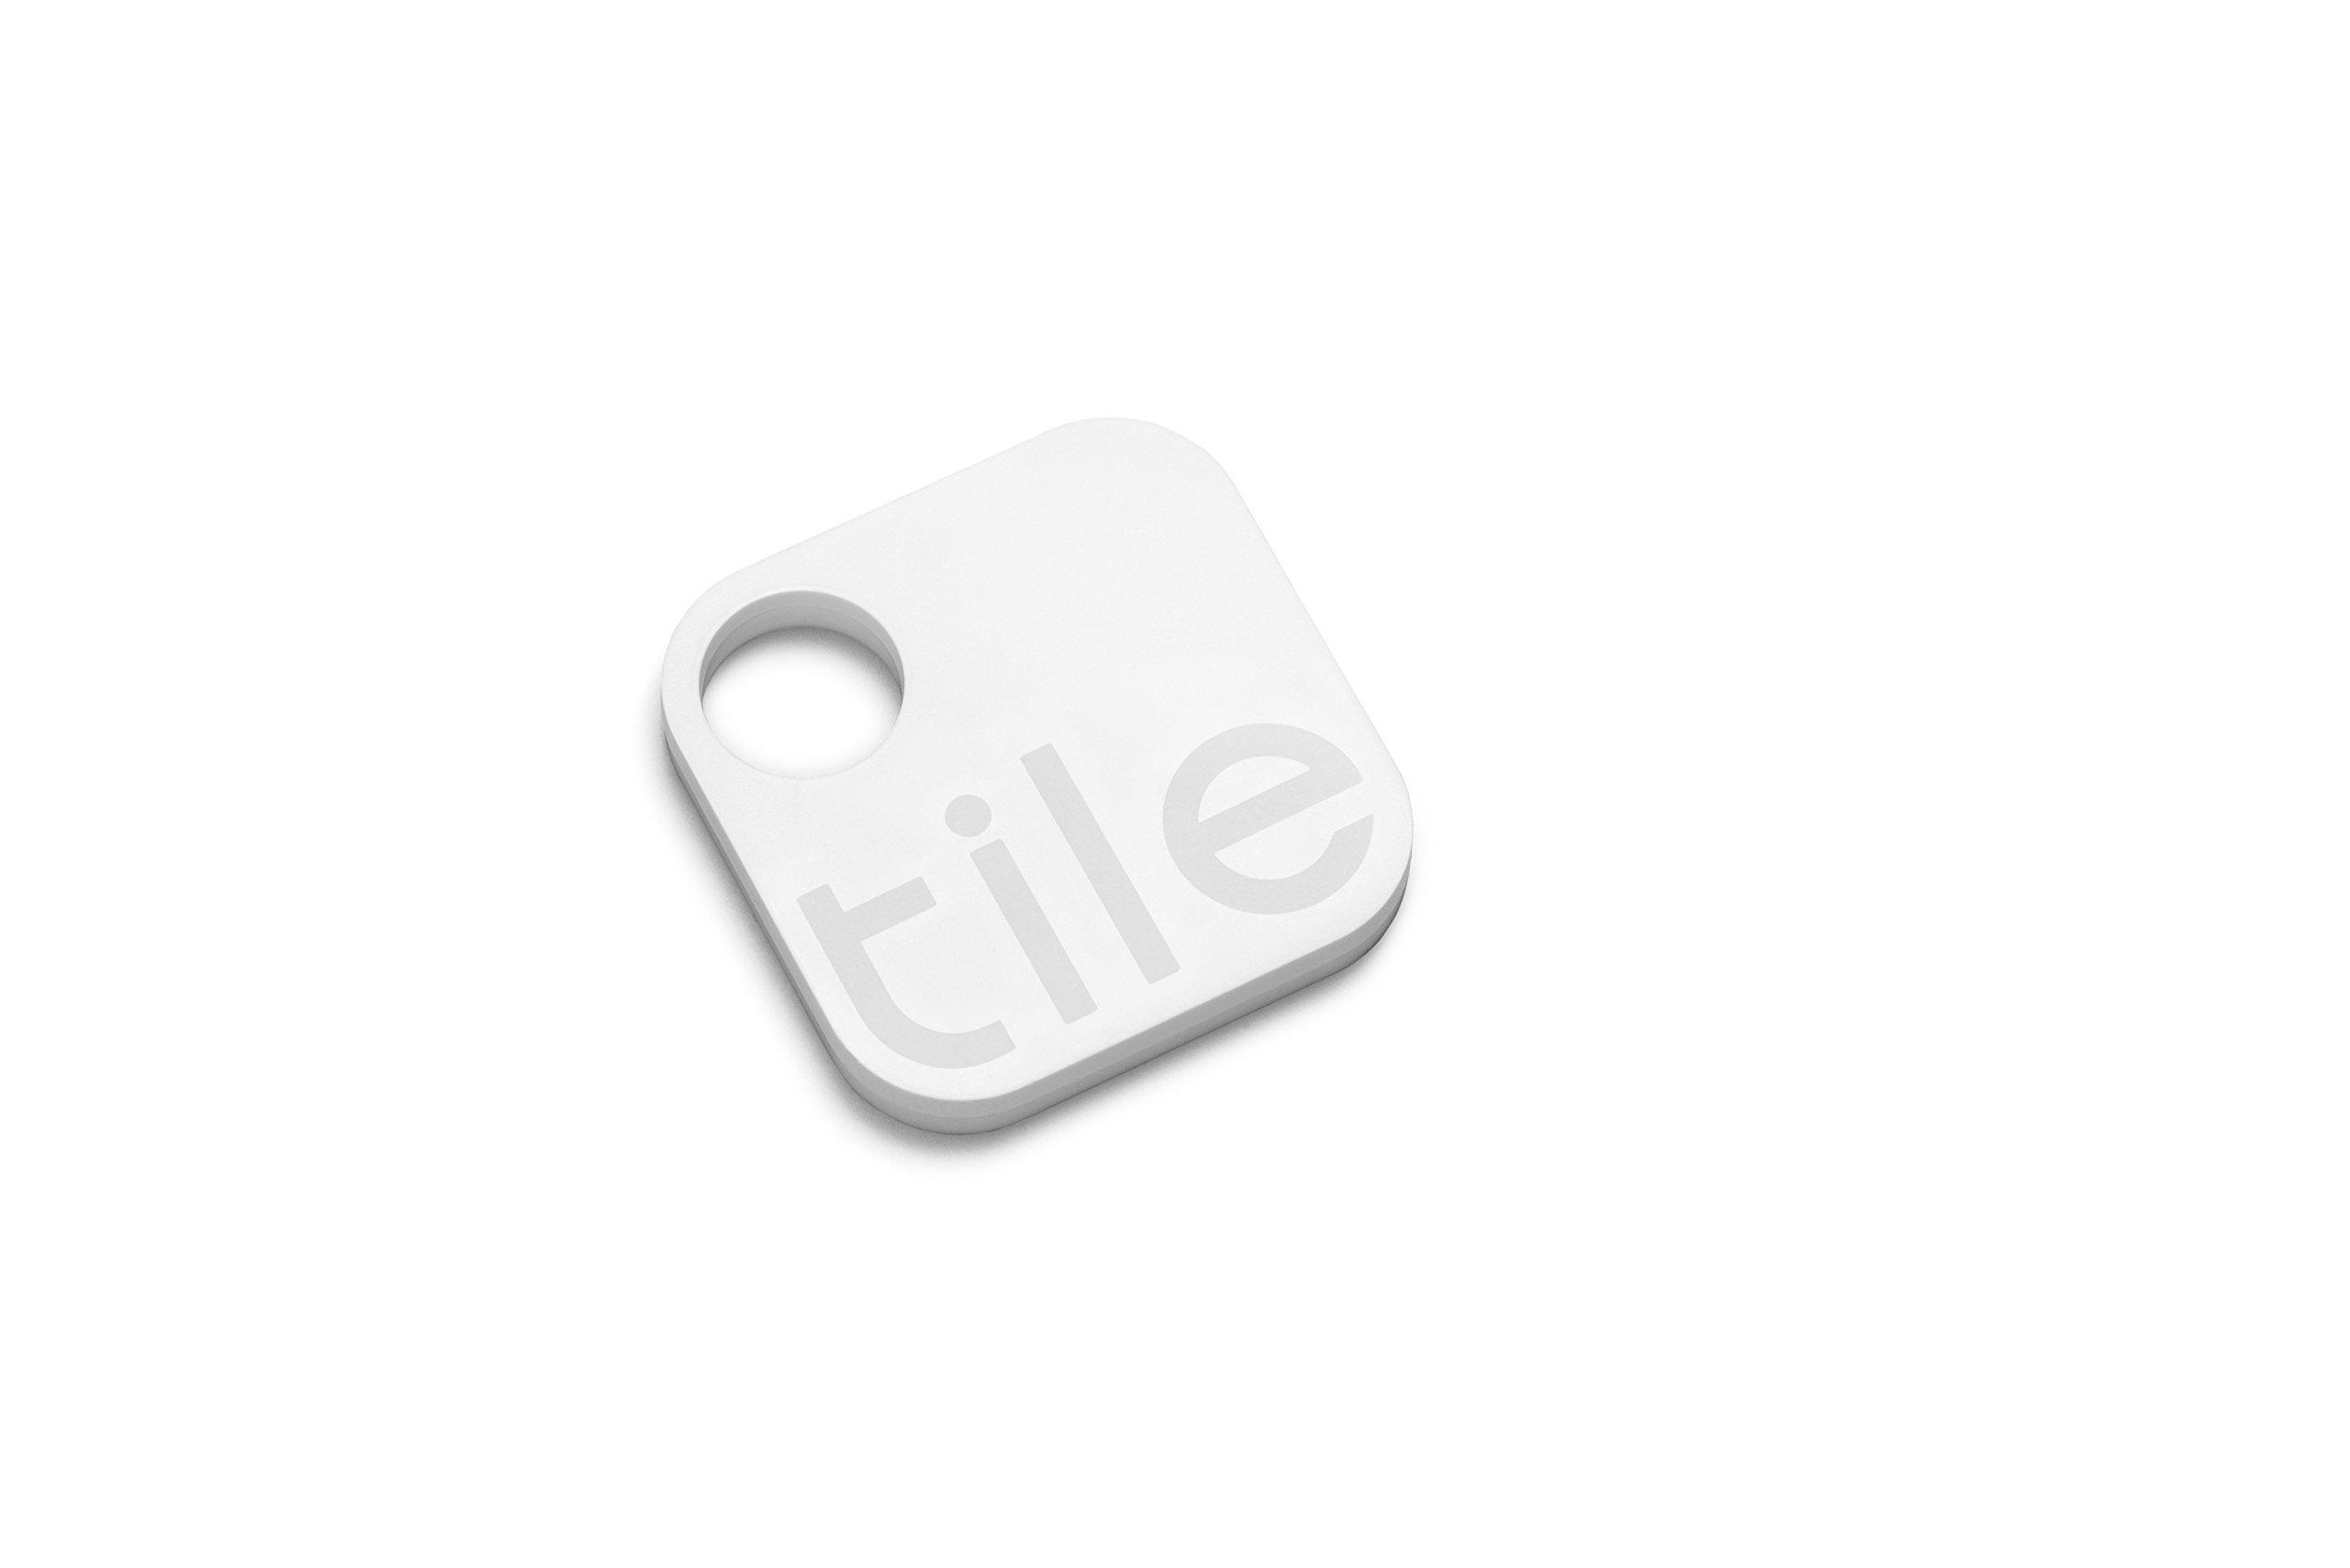 Tile (Gen 2) - Key Finder. Phone Finder. Anything Finder - 1 Pack (Discontinued by Manufacturer) by Tile (Image #2)